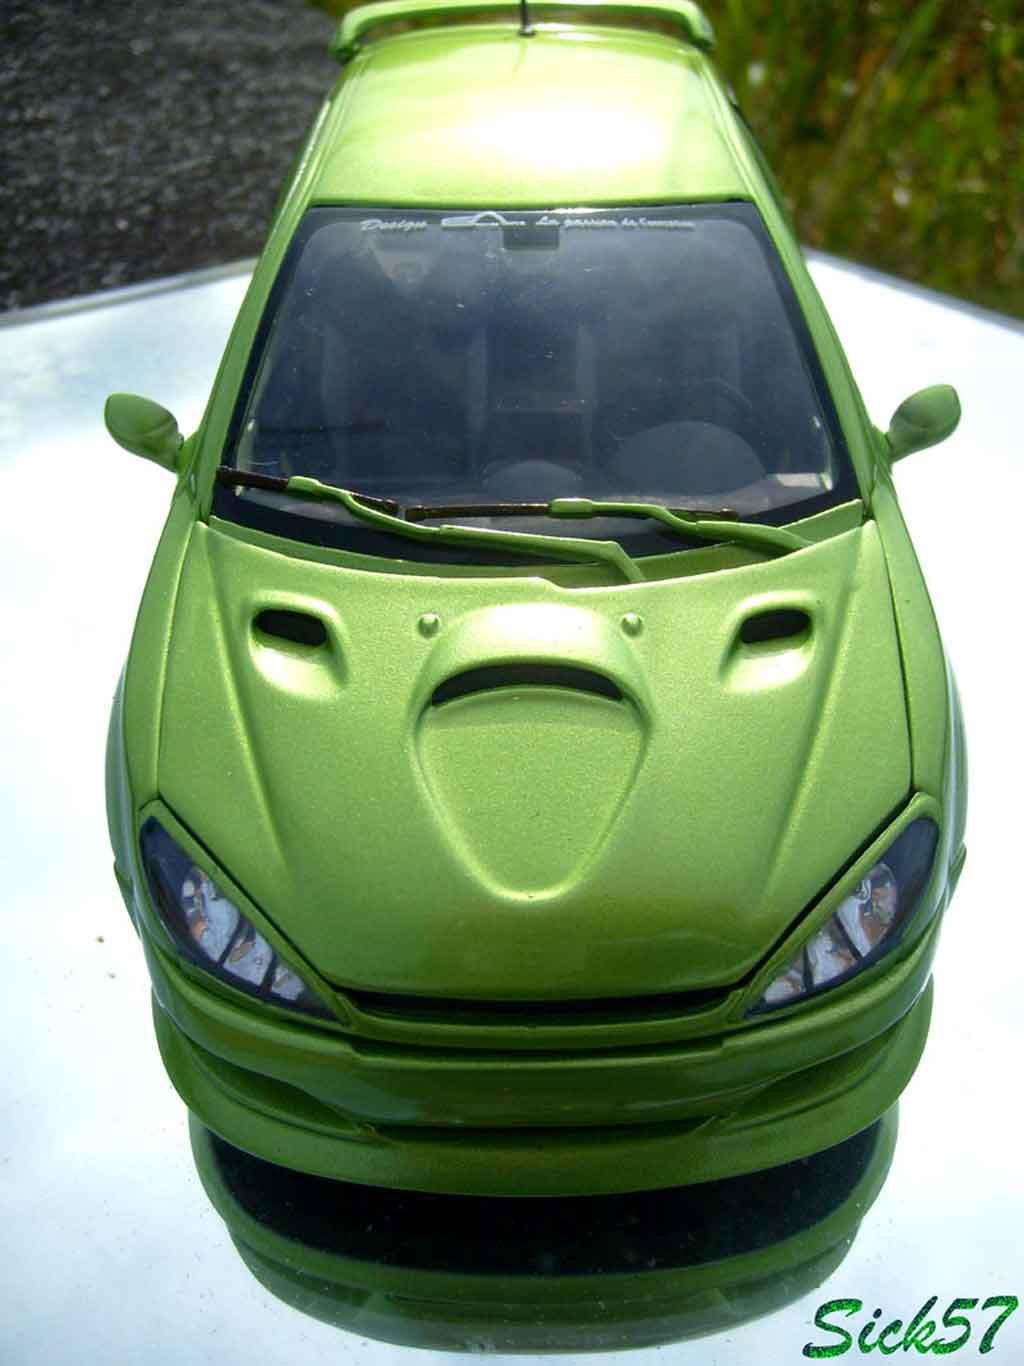 Peugeot 206 RC 1/18 Norev esquiss auto kiwi